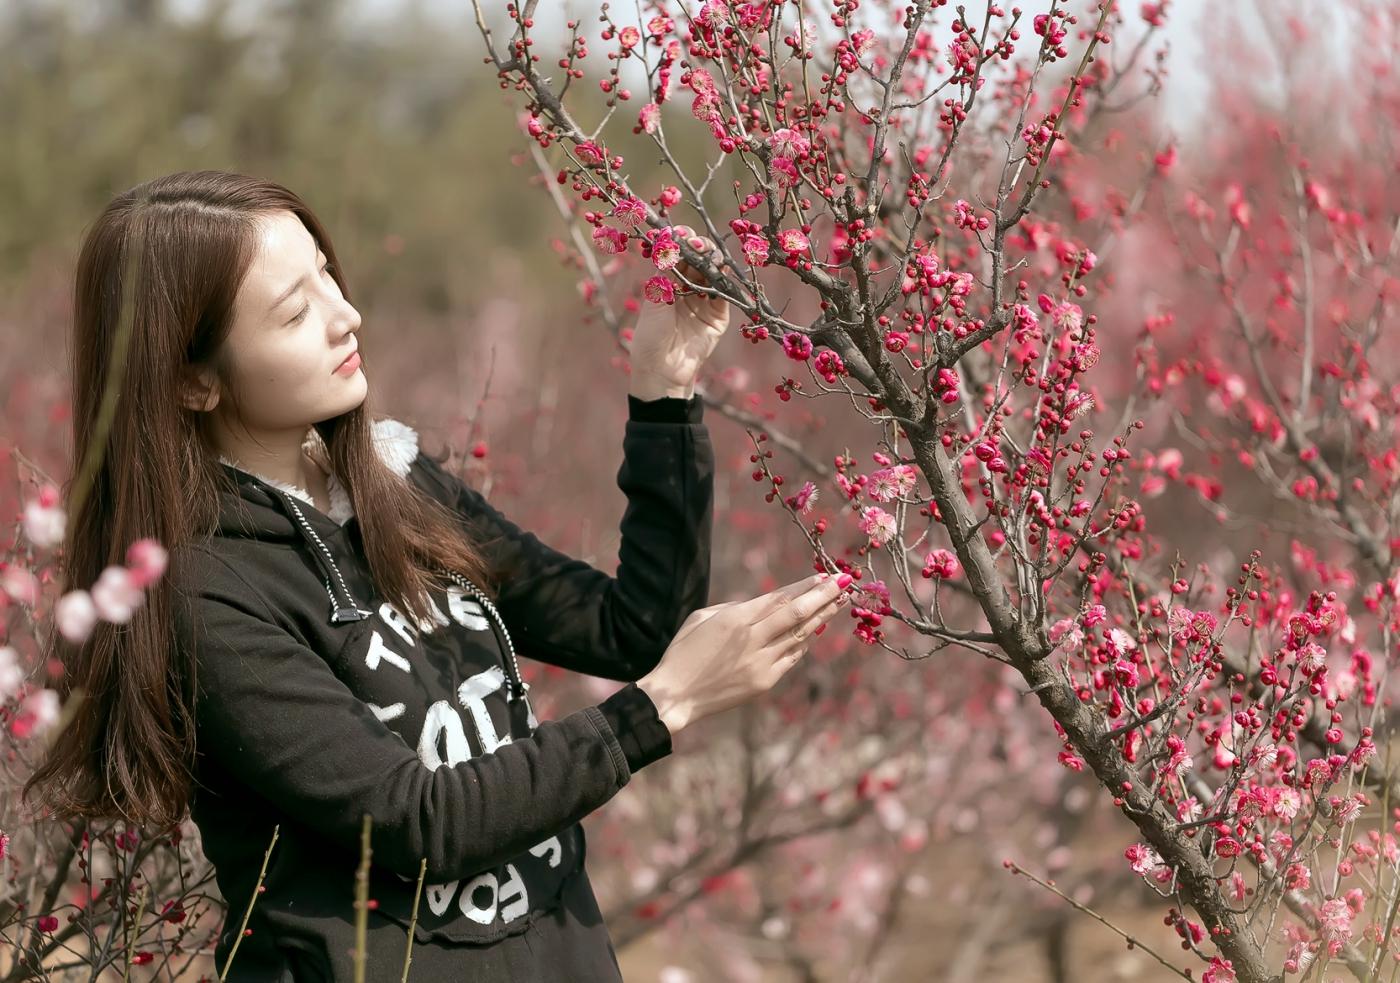 费县的春天从鲜花烂漫的梅林和女孩张诗奇的偶遇开始_图1-12